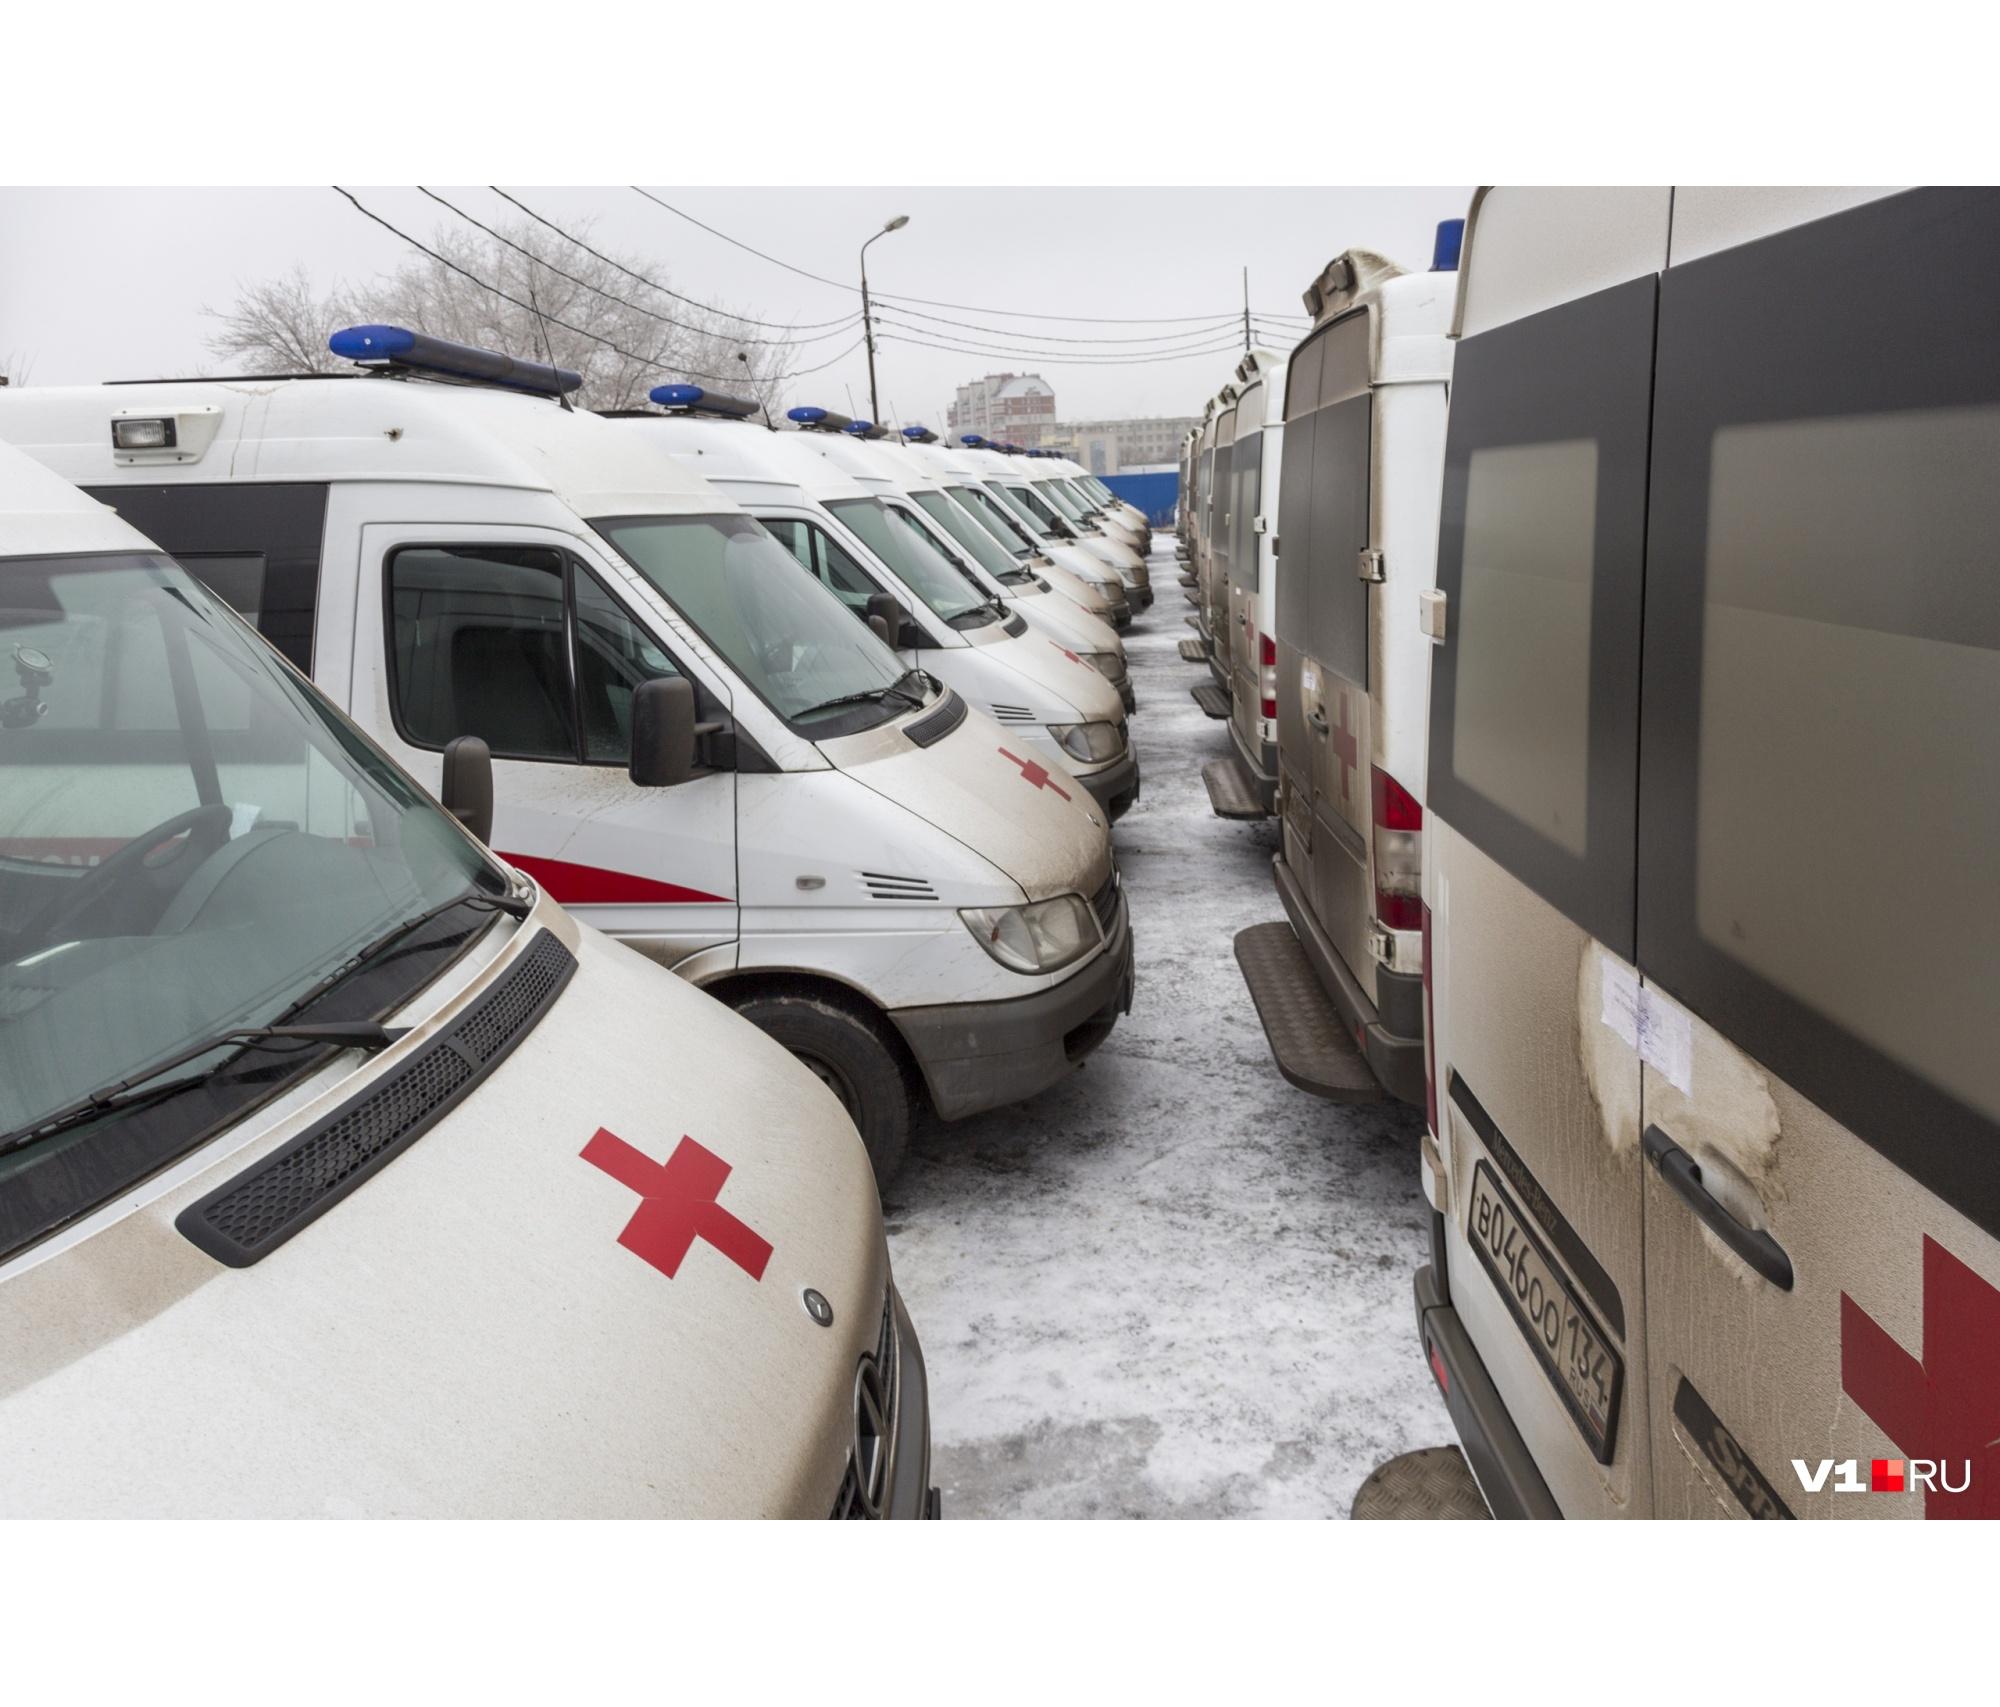 Прежние Mercedes пока остаются невостребованными на муниципальной стоянке